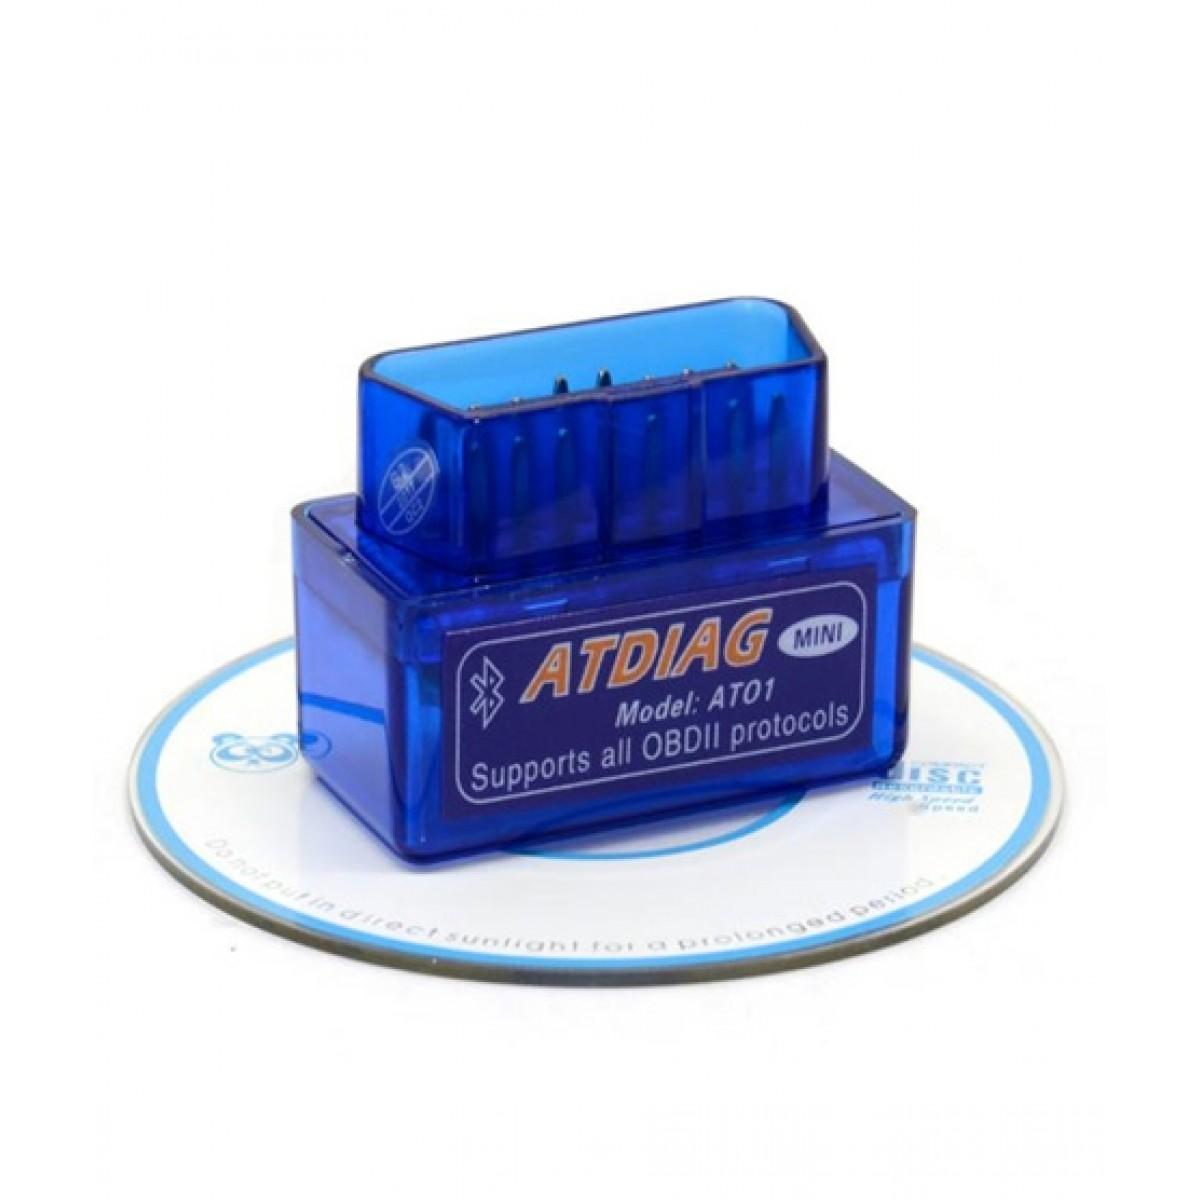 Atdiag Mini ELM327 Bluetooth OBD2 V2 1 (AT01)